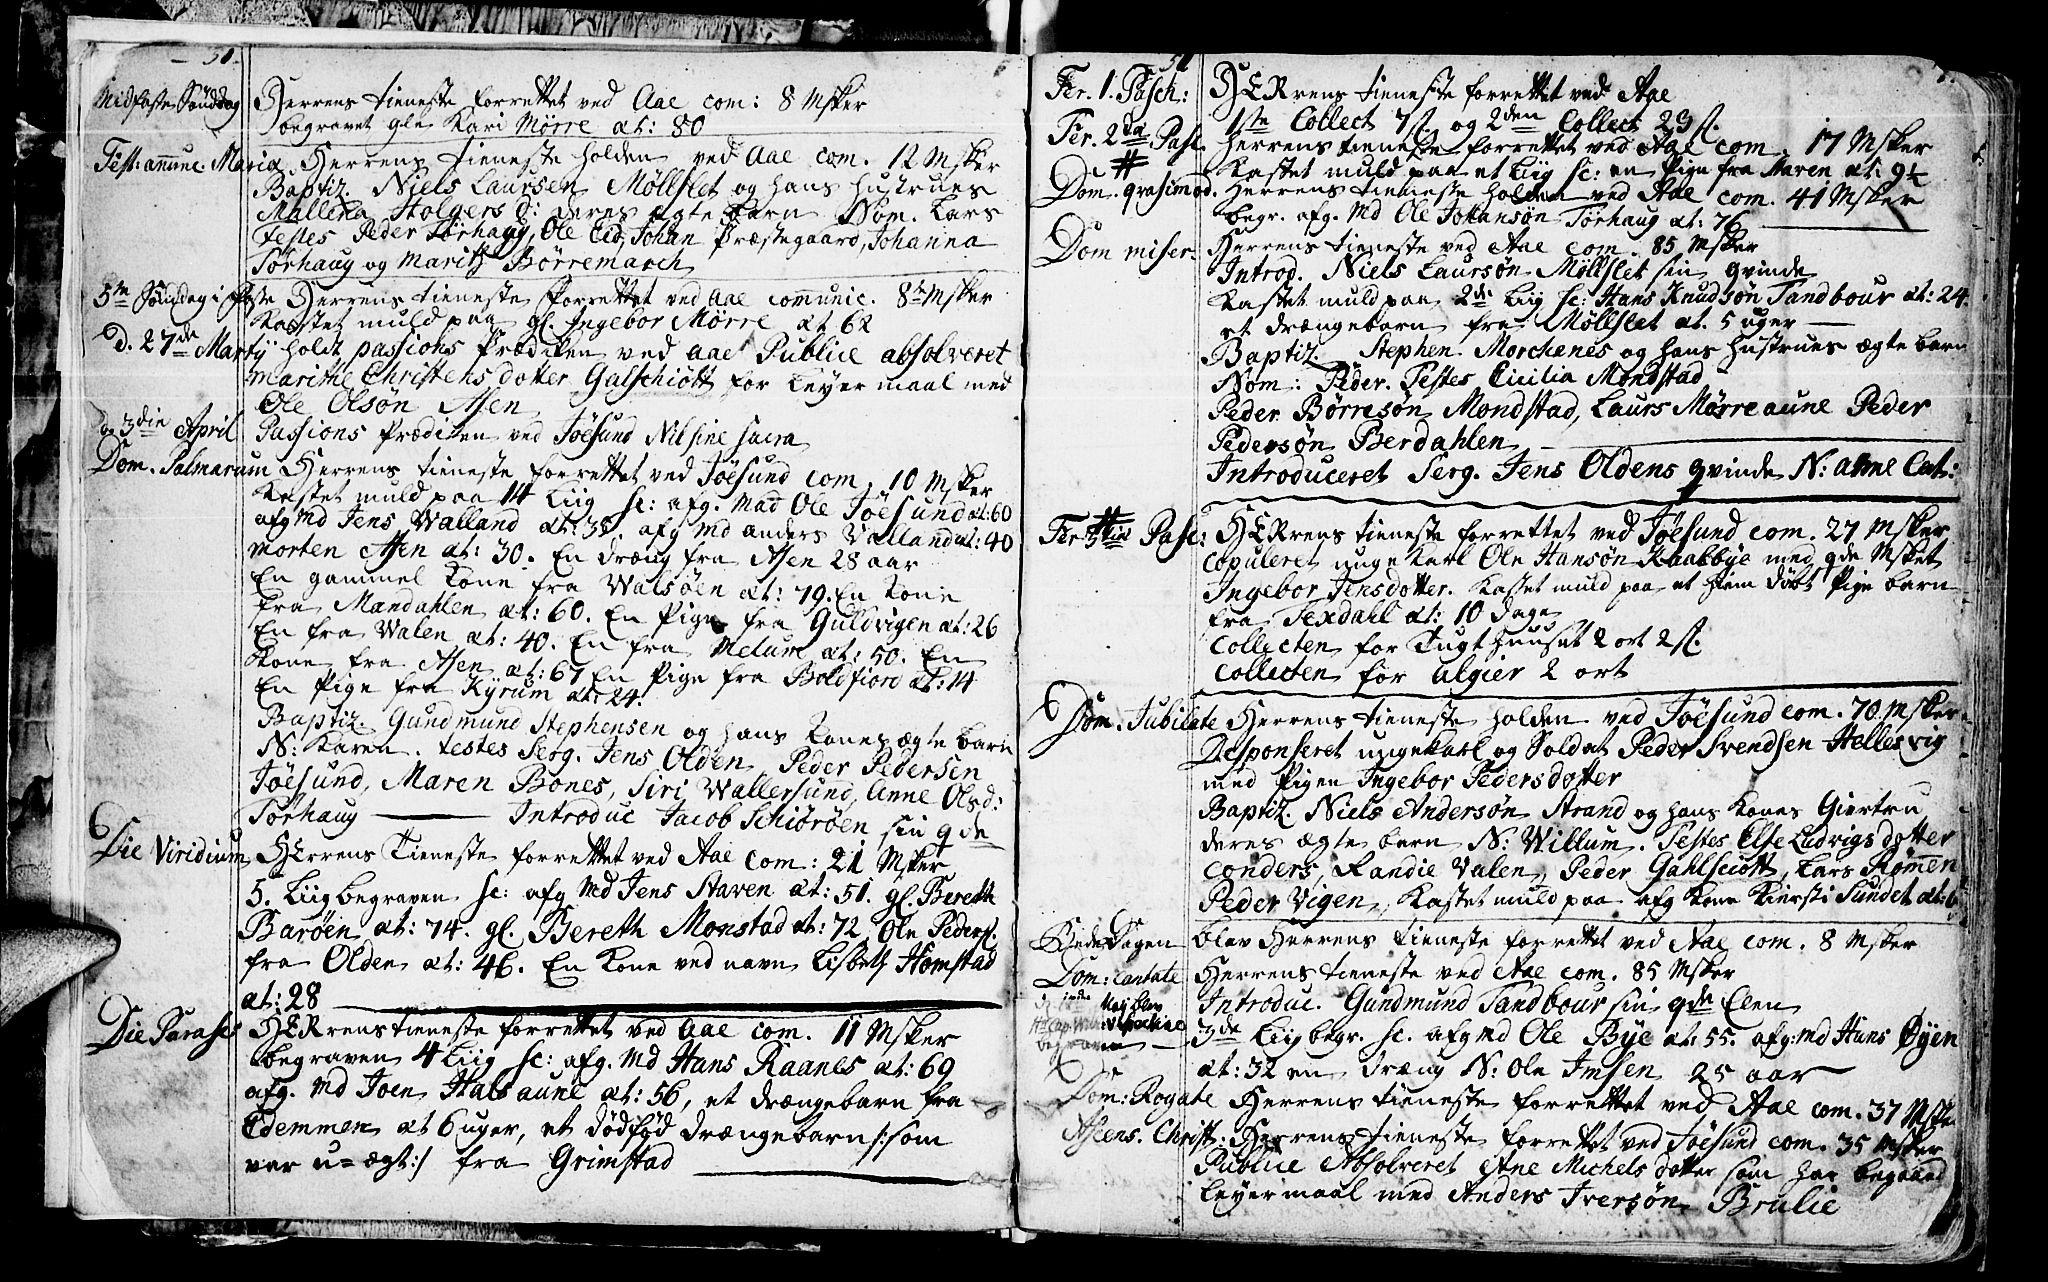 SAT, Ministerialprotokoller, klokkerbøker og fødselsregistre - Sør-Trøndelag, 655/L0672: Ministerialbok nr. 655A01, 1750-1779, s. 6-7